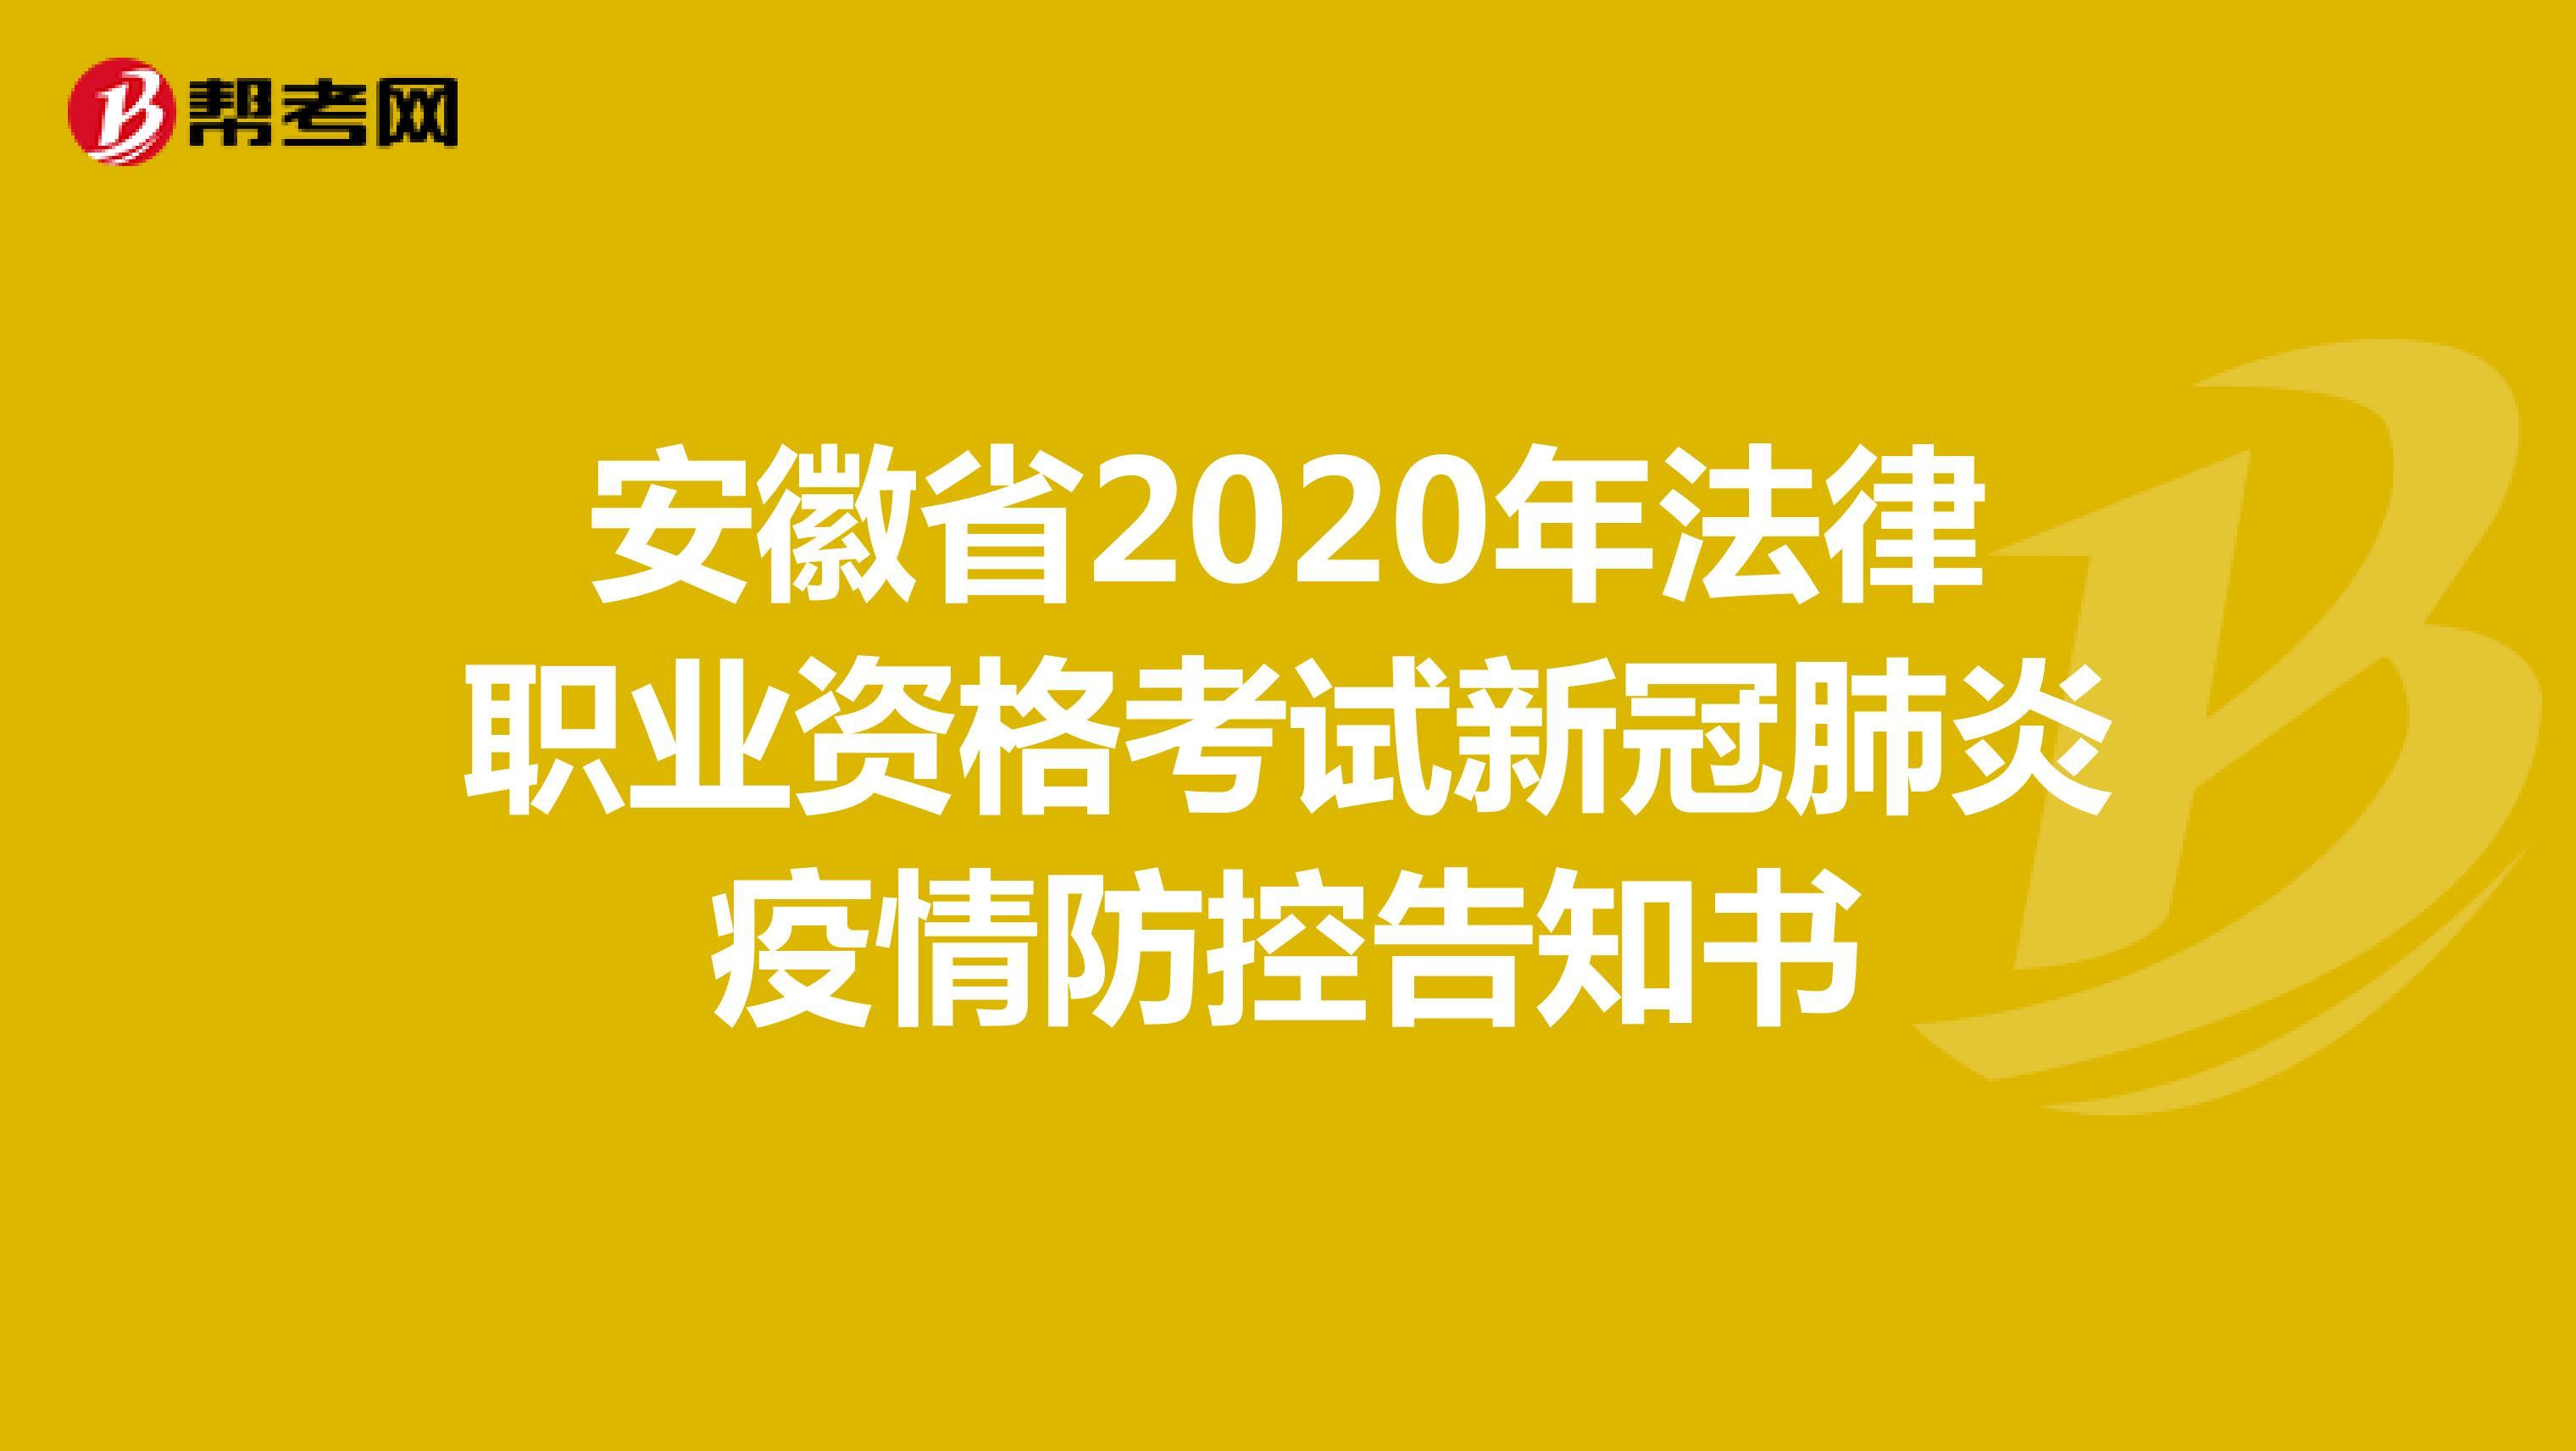 安徽省2020年法律职业资格考试新冠肺炎疫情防控告知书